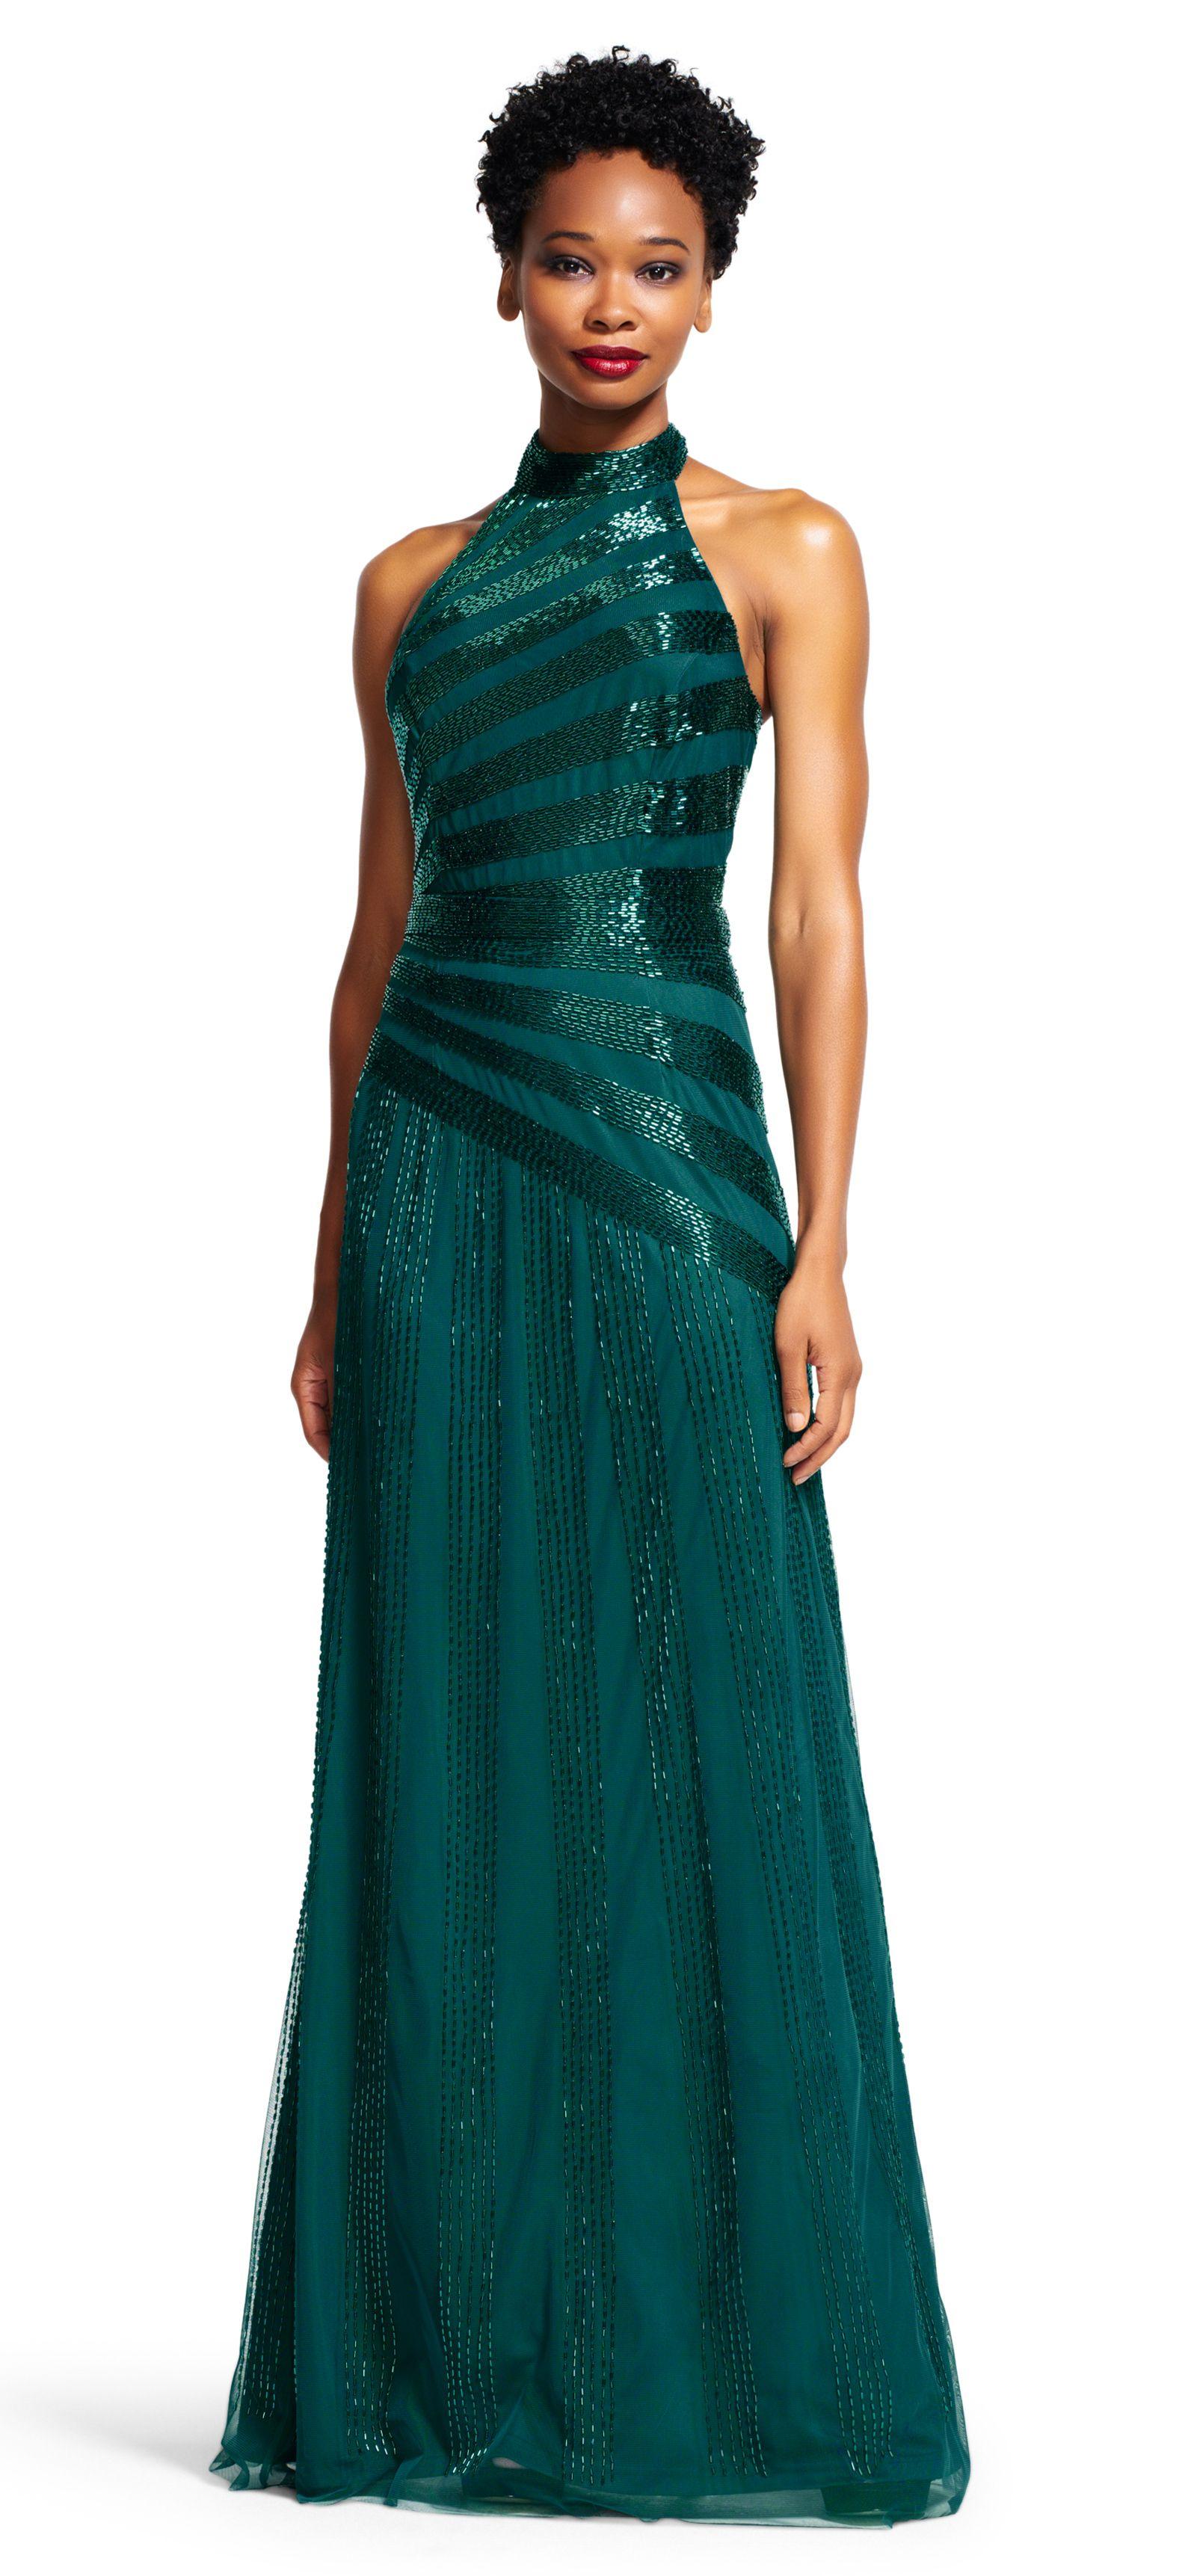 Halter beaded long gown hunter green 15995 evening dress